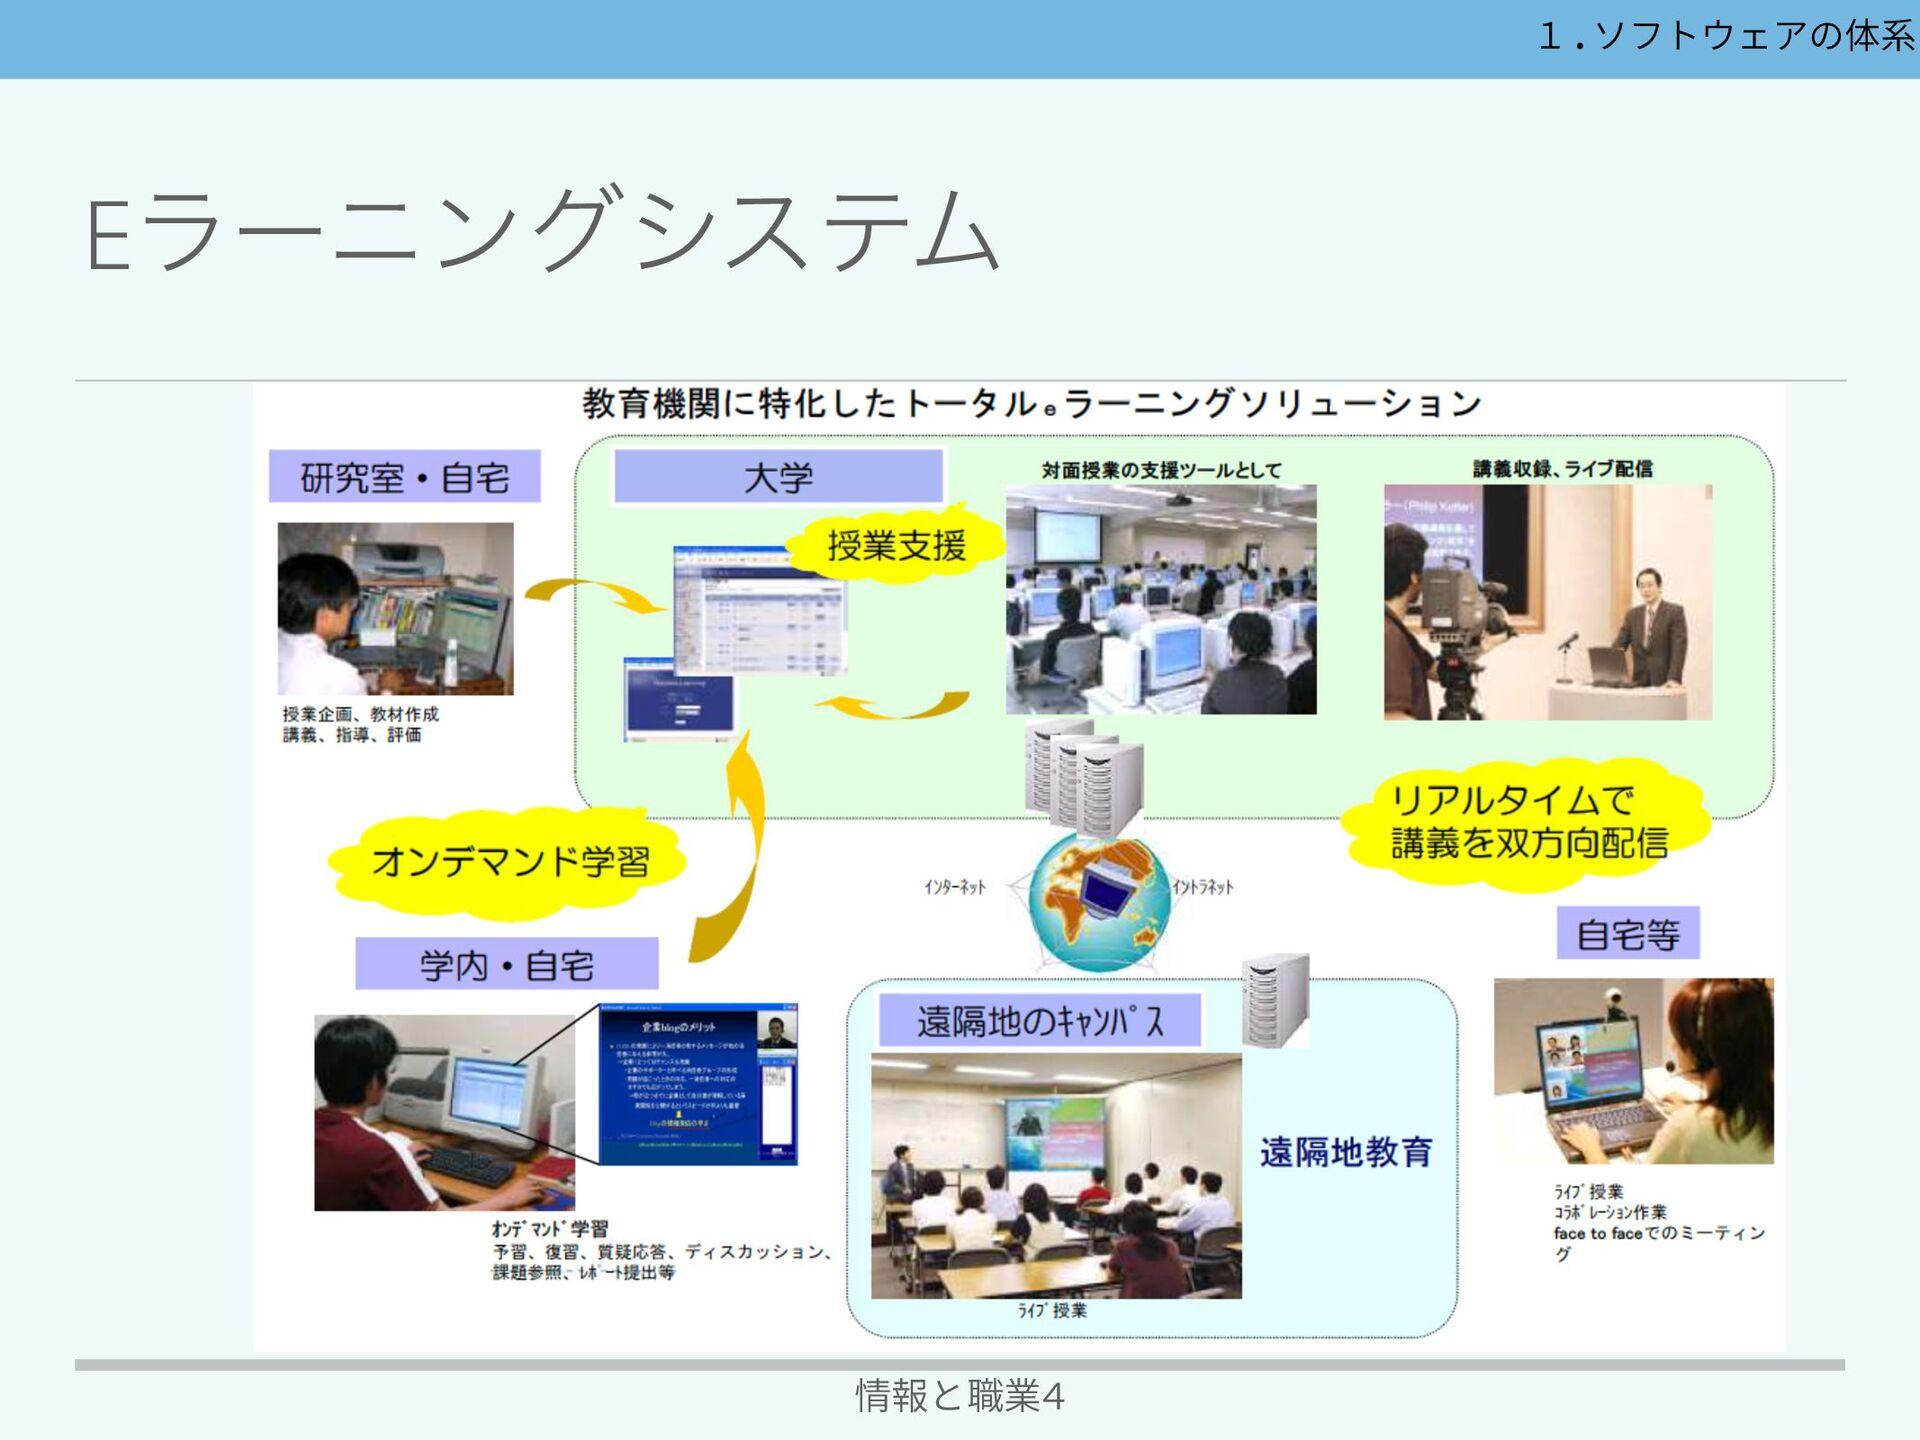 اۀ֤෦ͷΞϓϦέʔγϣϯγεςϜ 情報と職業4 1.ソフトウェアの体系